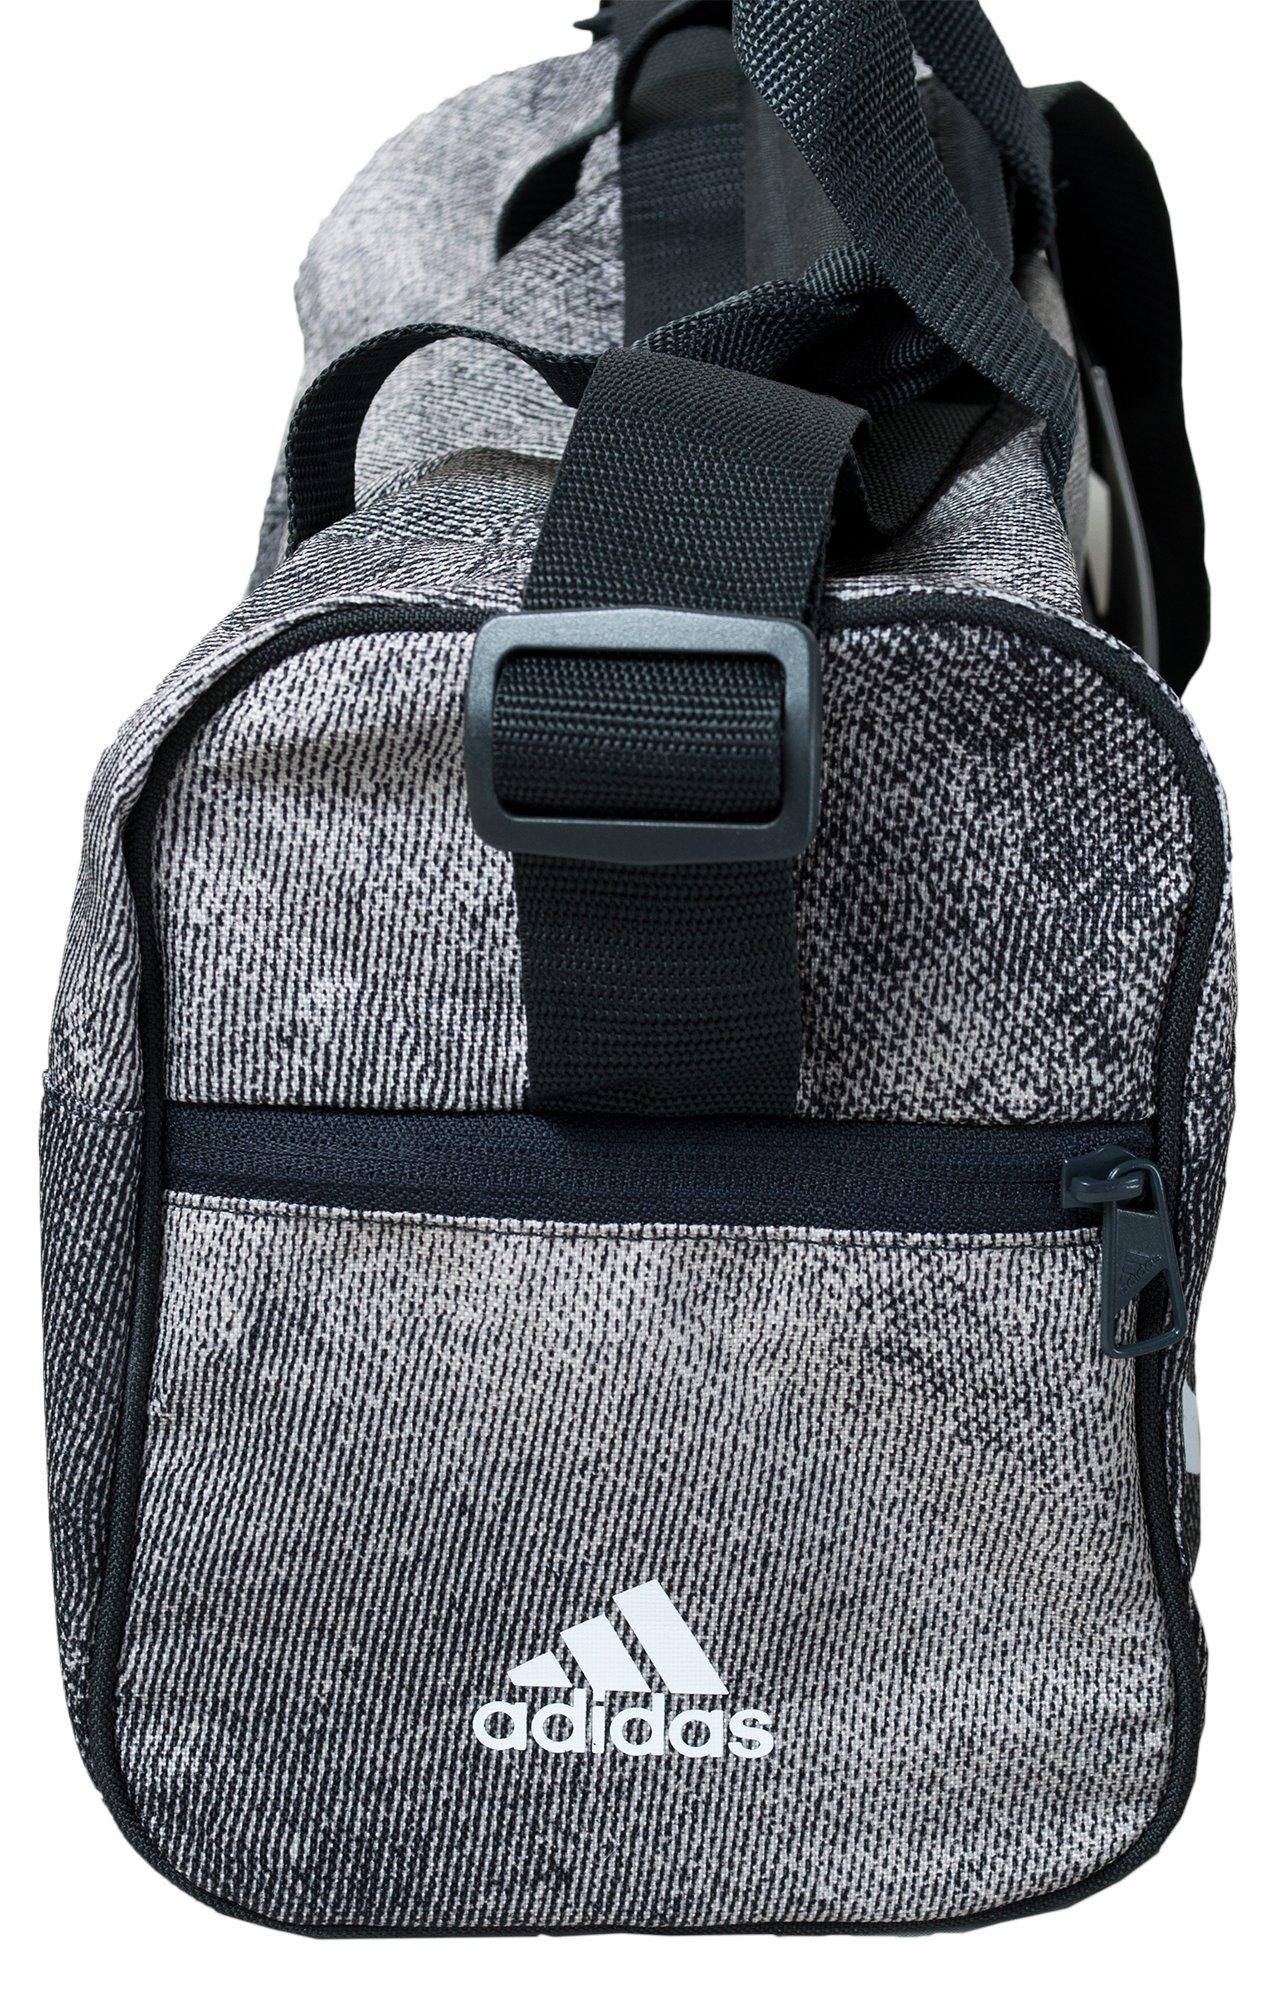 b661e942a673 ... ADIDAS BARDZO FAJNA mała torba sportowa XS ...